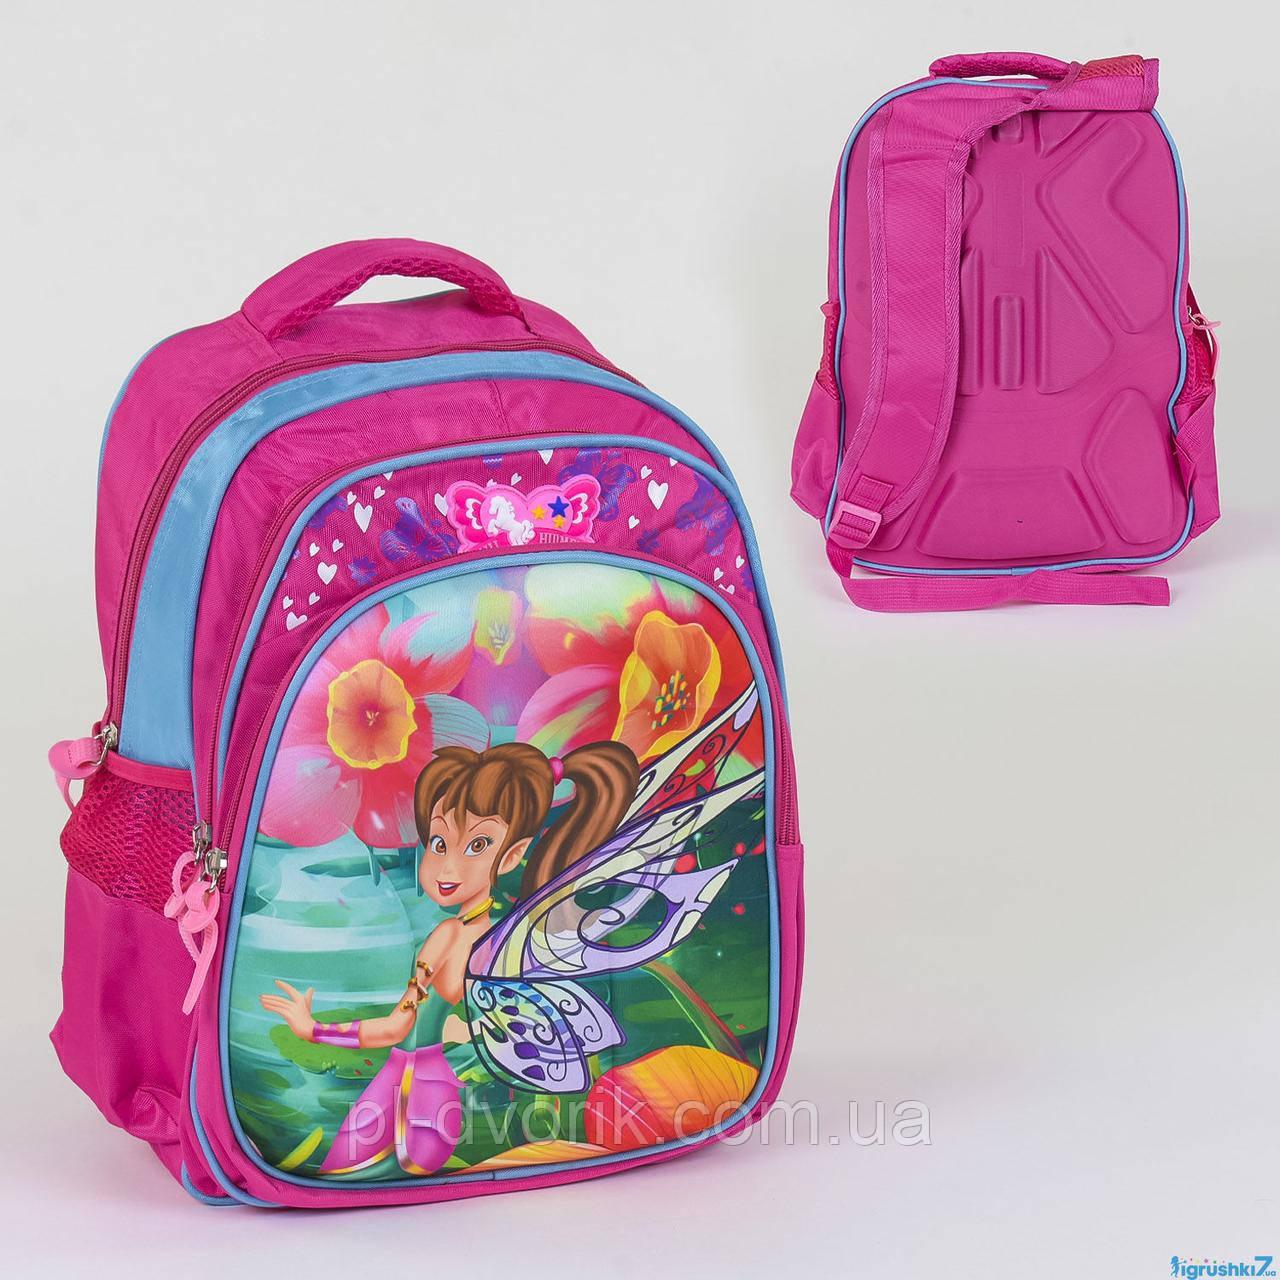 Рюкзак школьный C 36216 2 отделения, 3 кармана, ортопедическая спинка Размеры/габариты  - длинна (см):  30 см